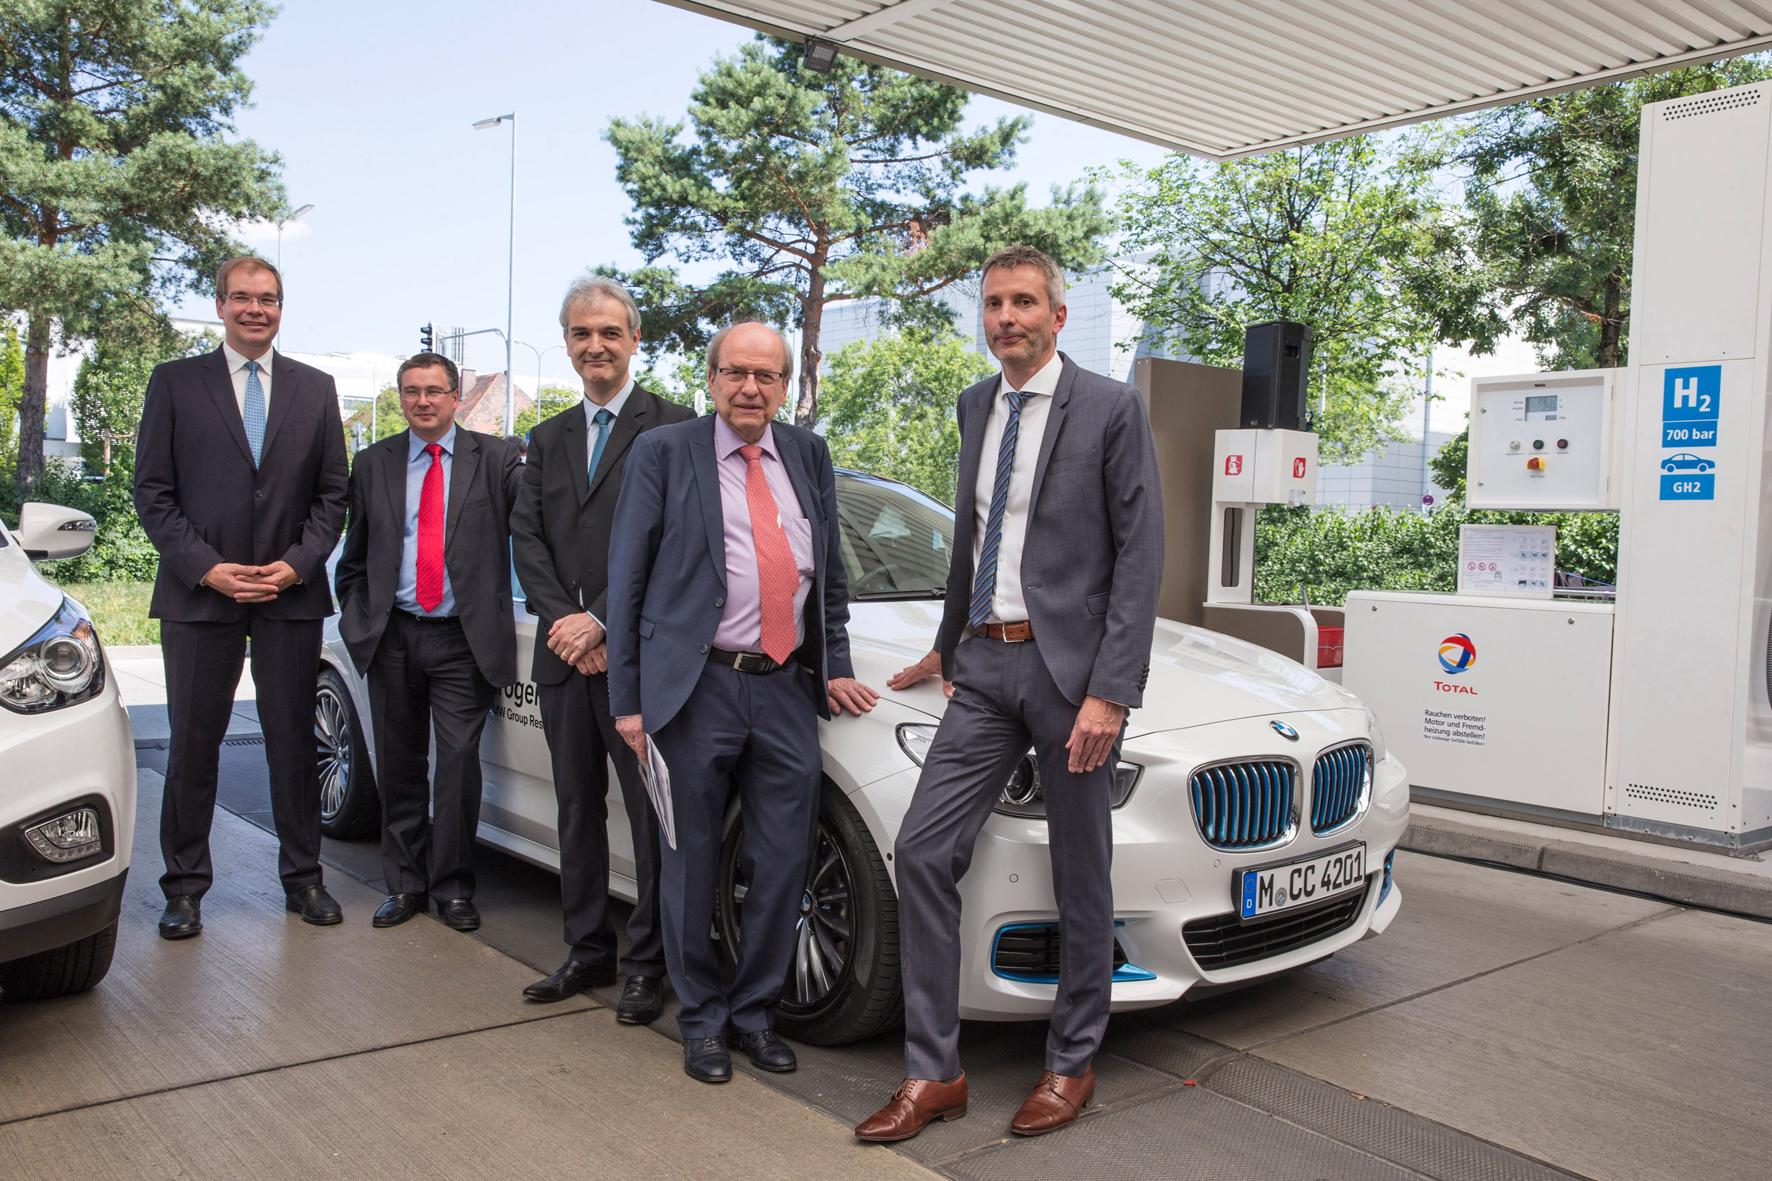 mid München - Zur Eröffnung der weltweit ersten Wasserstofftankstelle mit zwei Betankungssystemen angereist: v.l. Dr. Andreas Opfermann (Linde), Patrick Schnell (CEP), Guillaume Larroque (Total), Dr. Veit Steinle (BMVI) und Matthias Klietz (BMW).